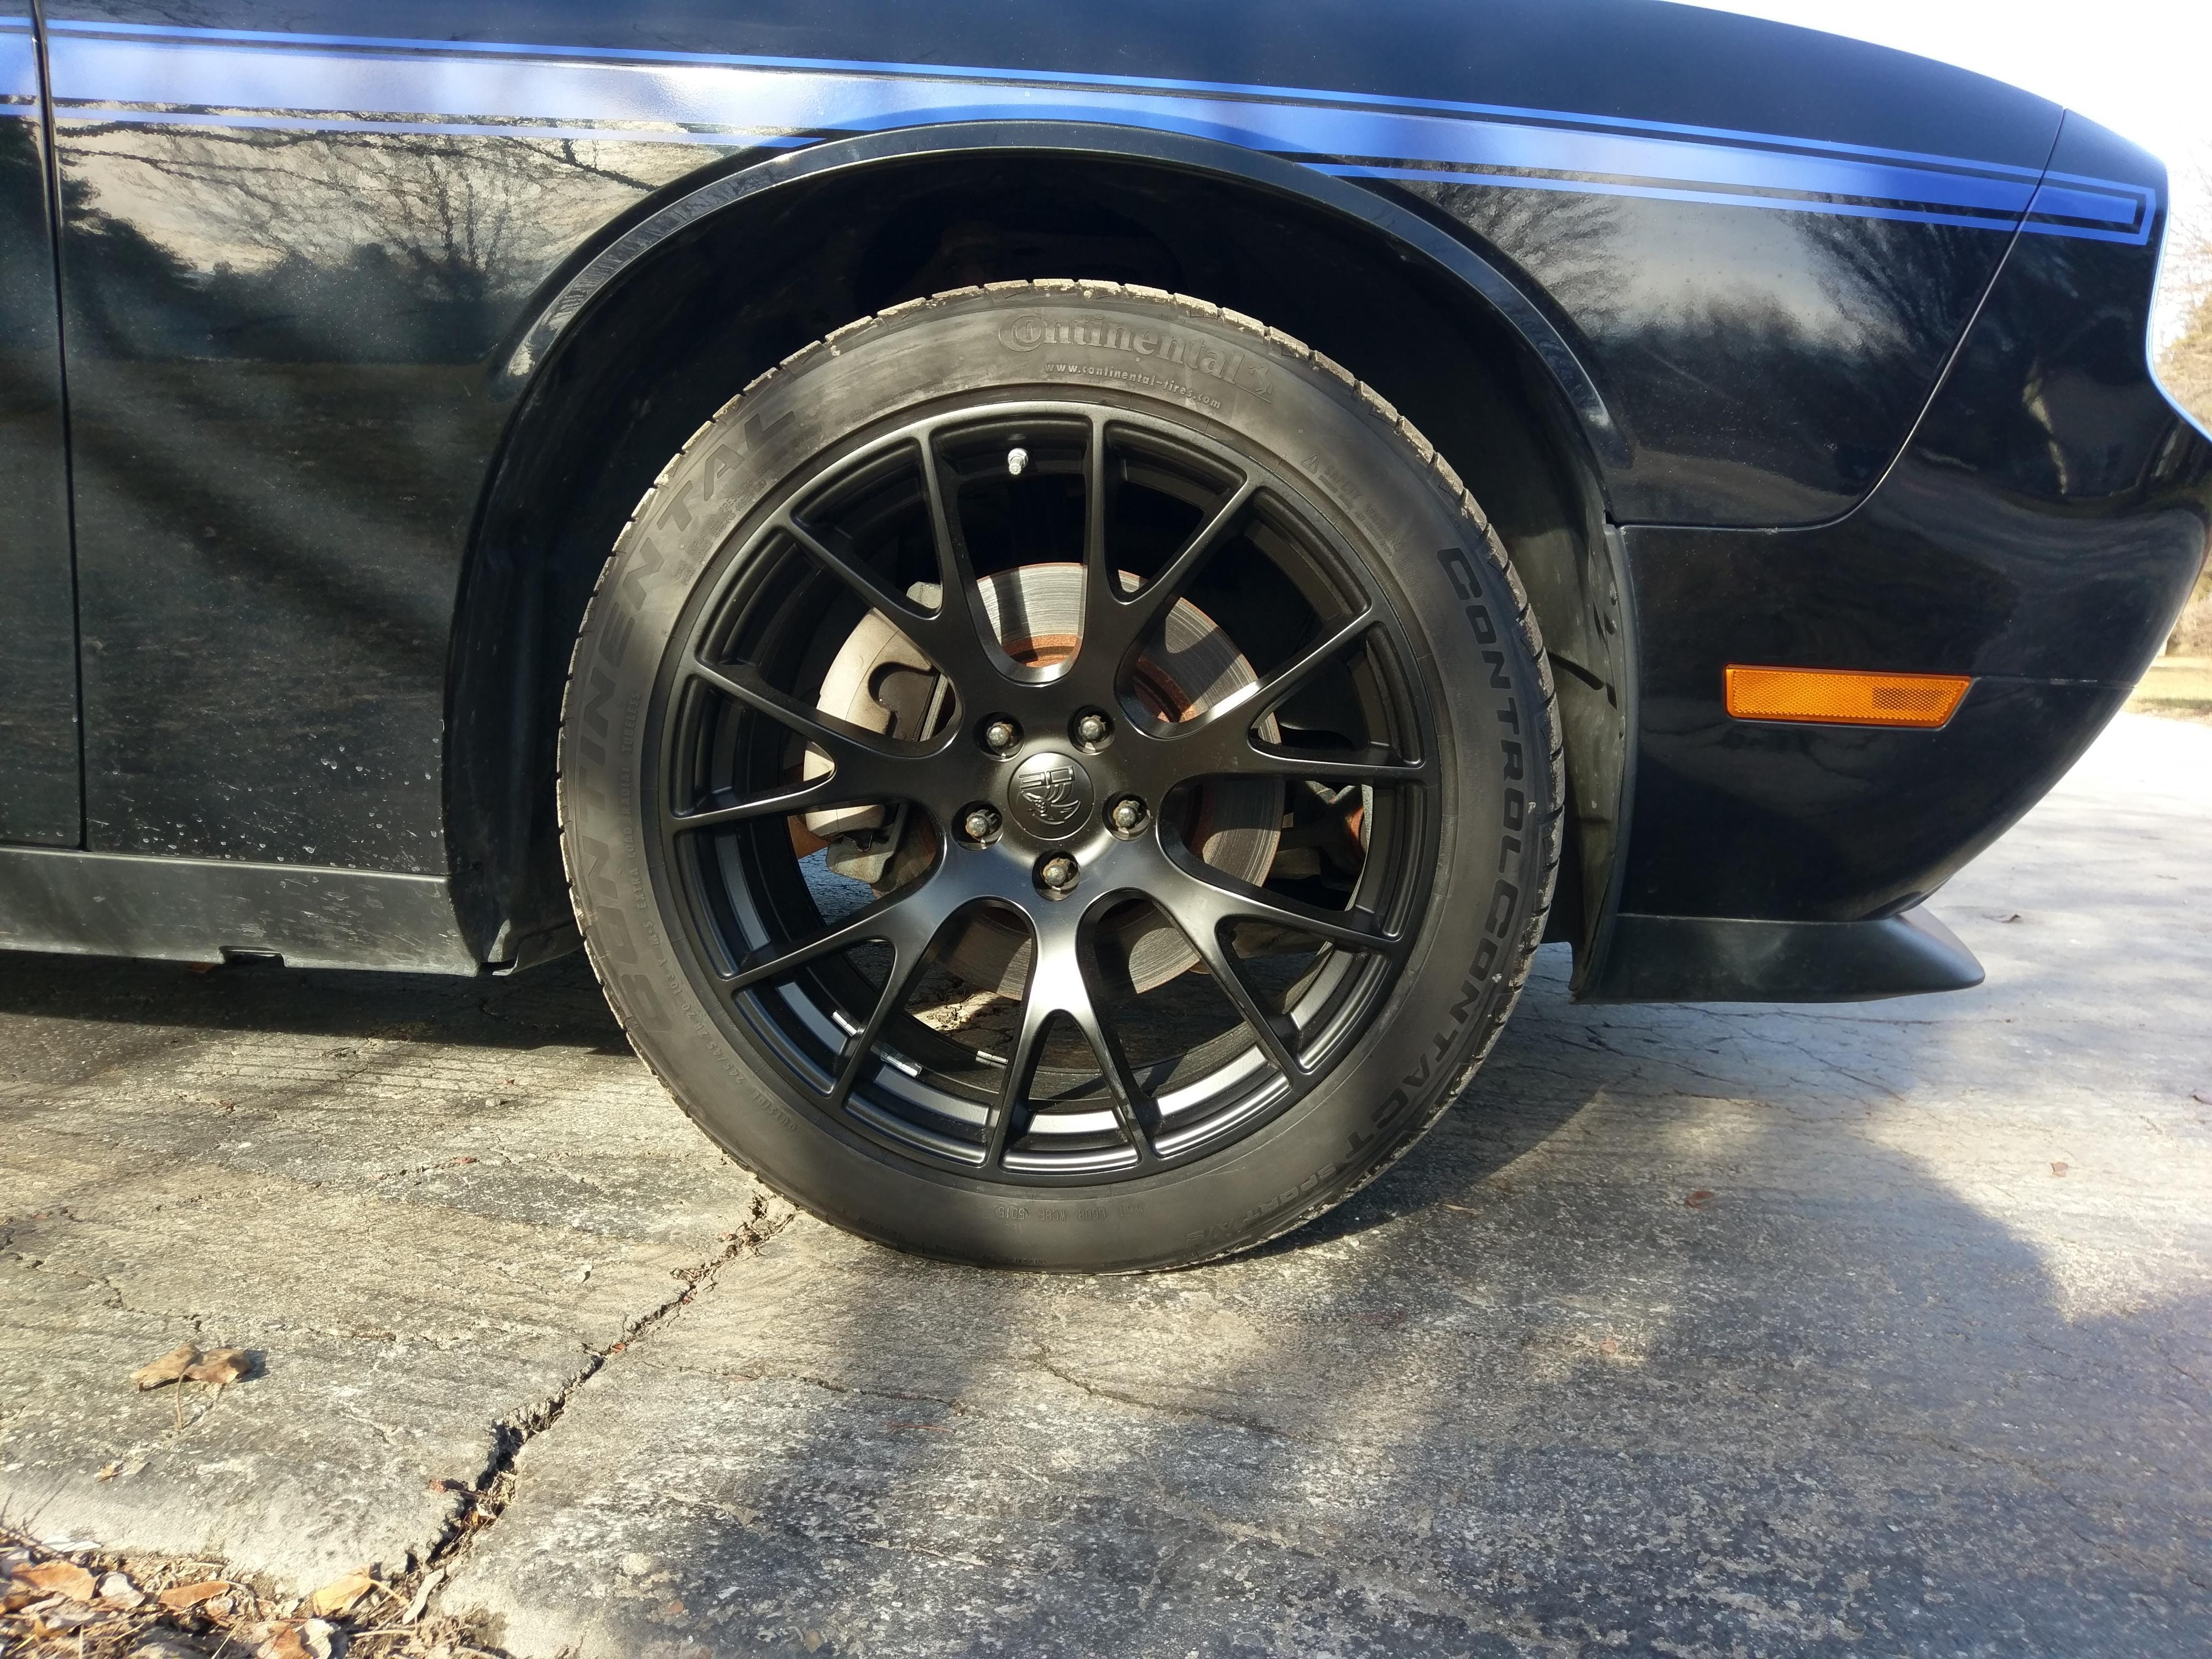 Dg15 20 Inch Satin Black Rim Set Fits Dodge Charger Challenger